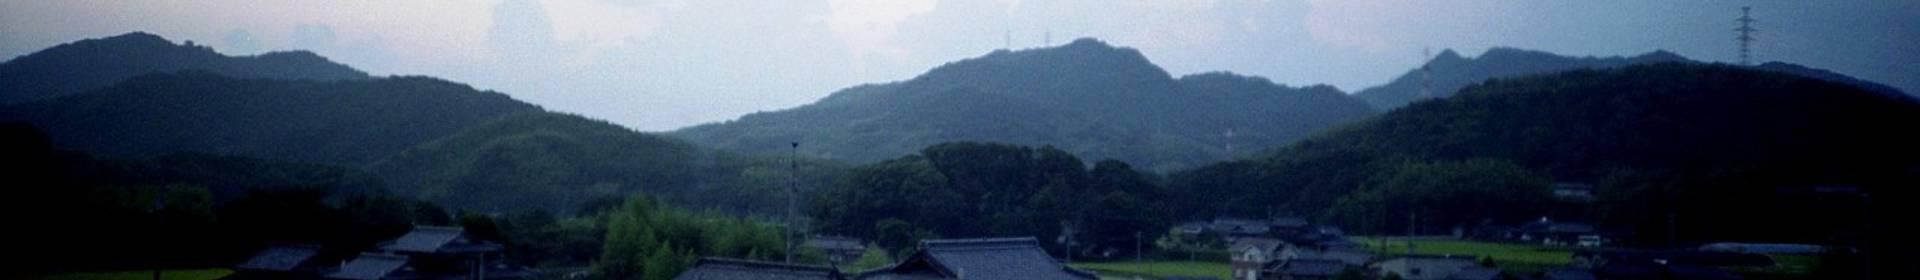 Región de Shikoku